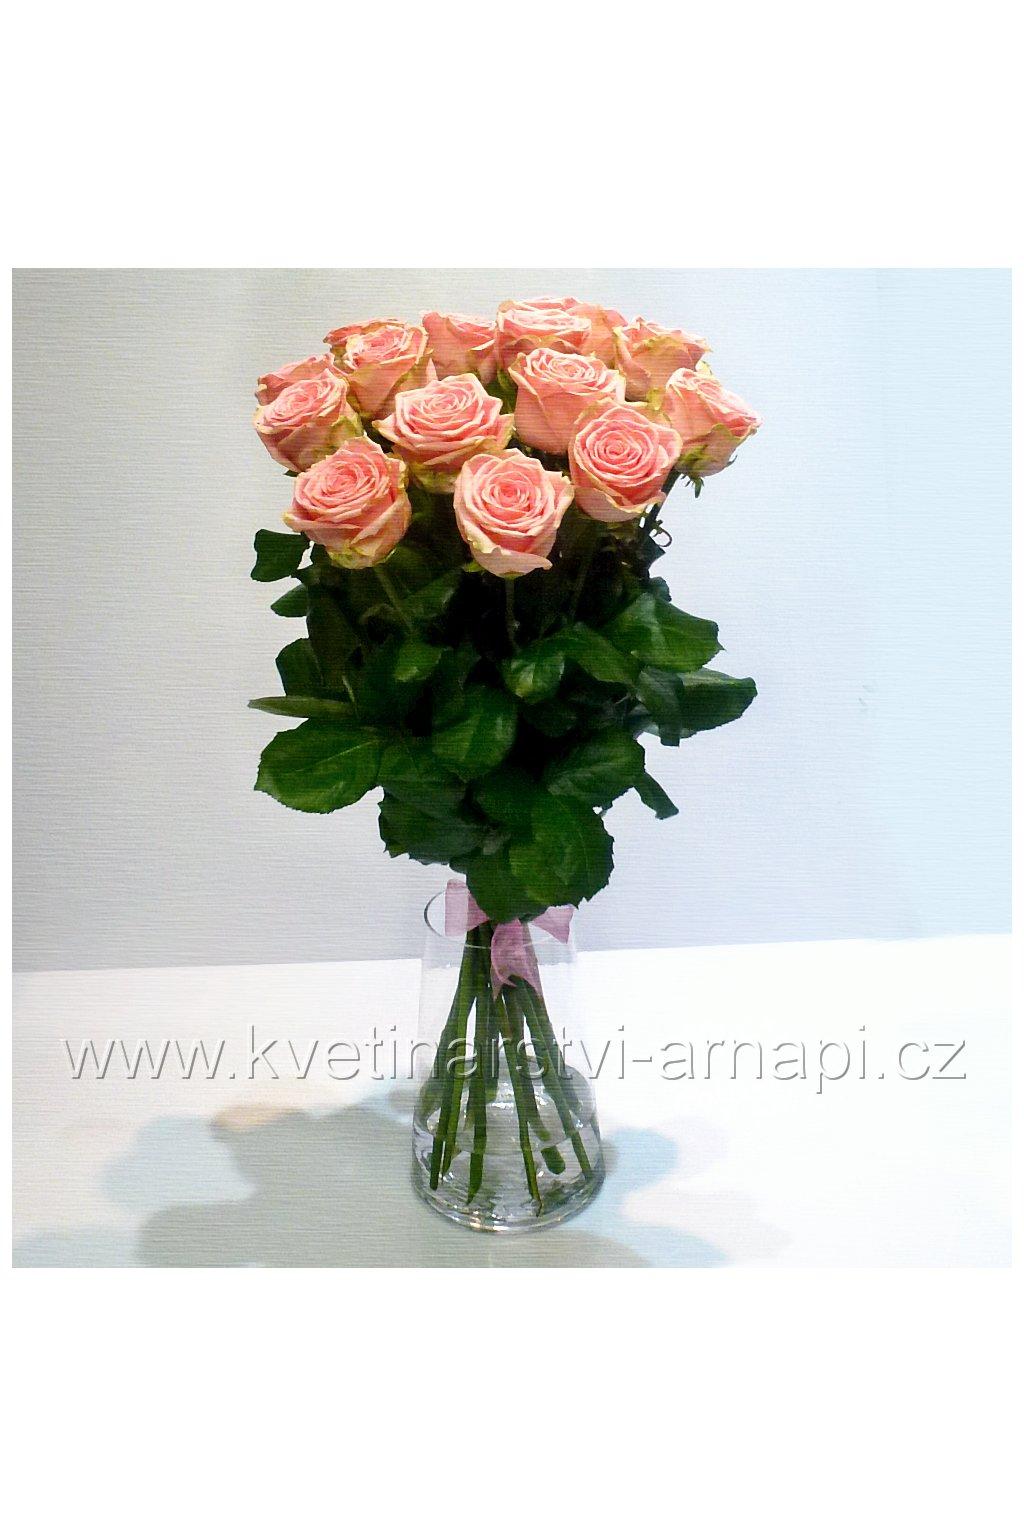 ruze ruzova kvetinarstvi arnapi